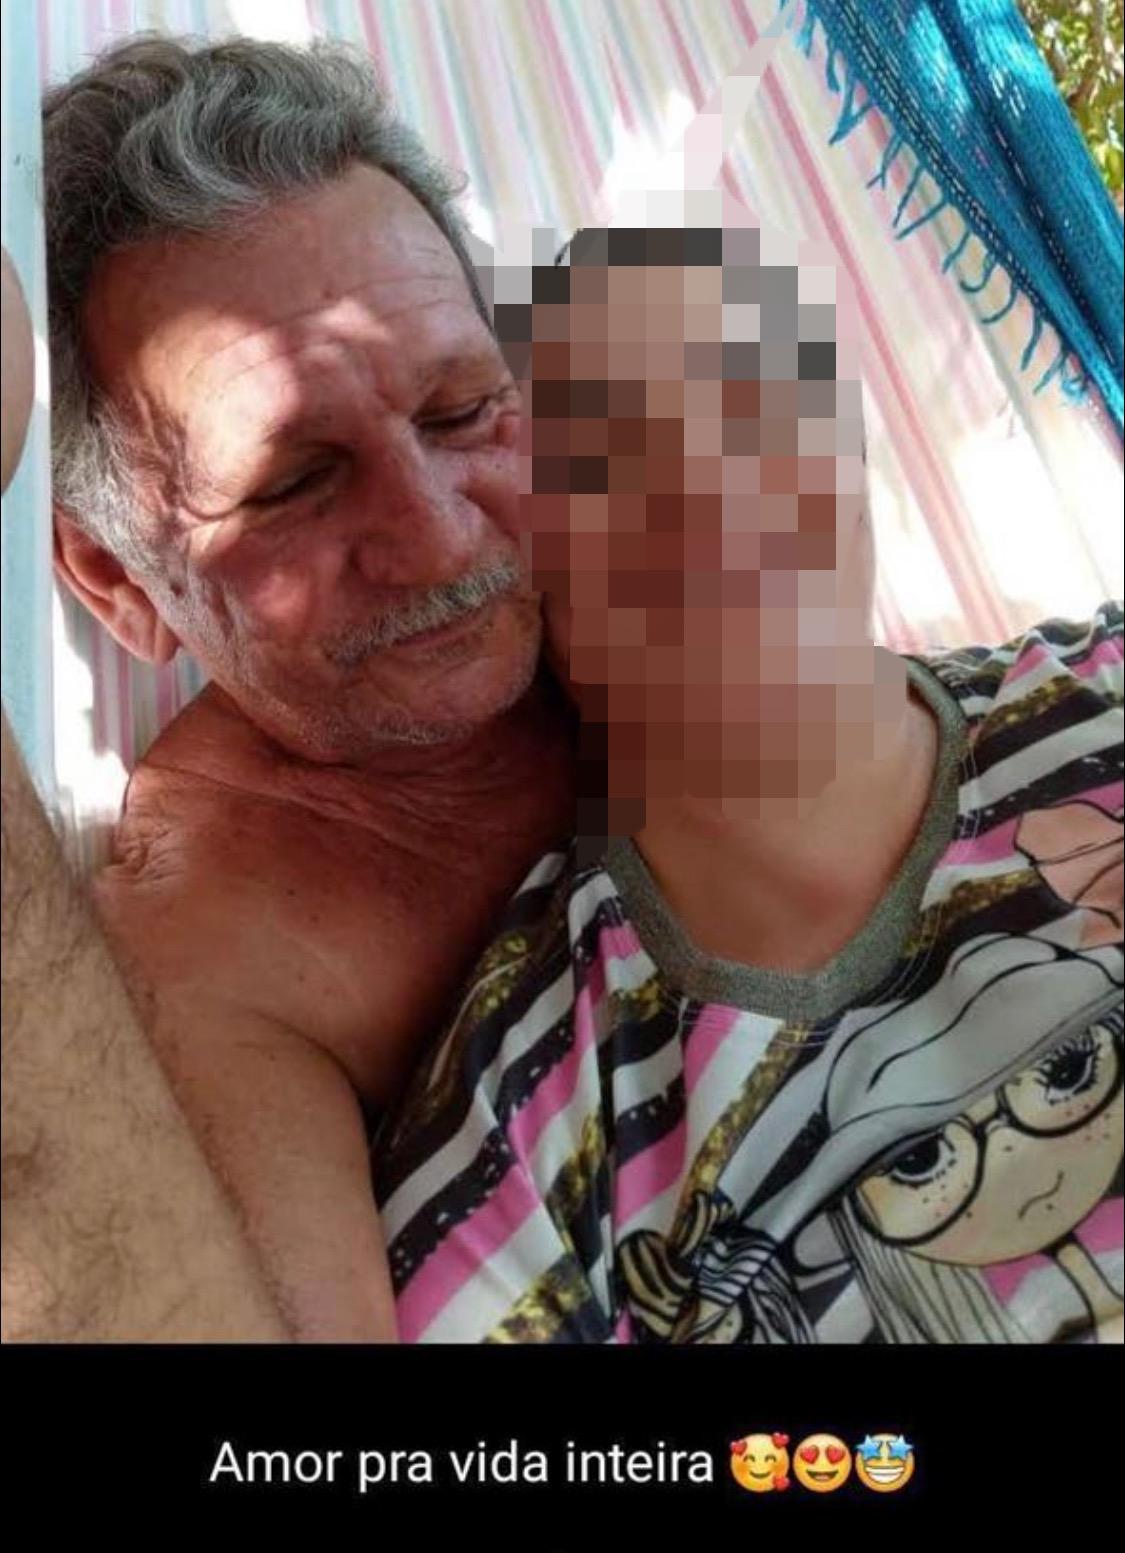 Vaza foto de prefeito de Tutóia com amante e caminhonete dada como presentinho